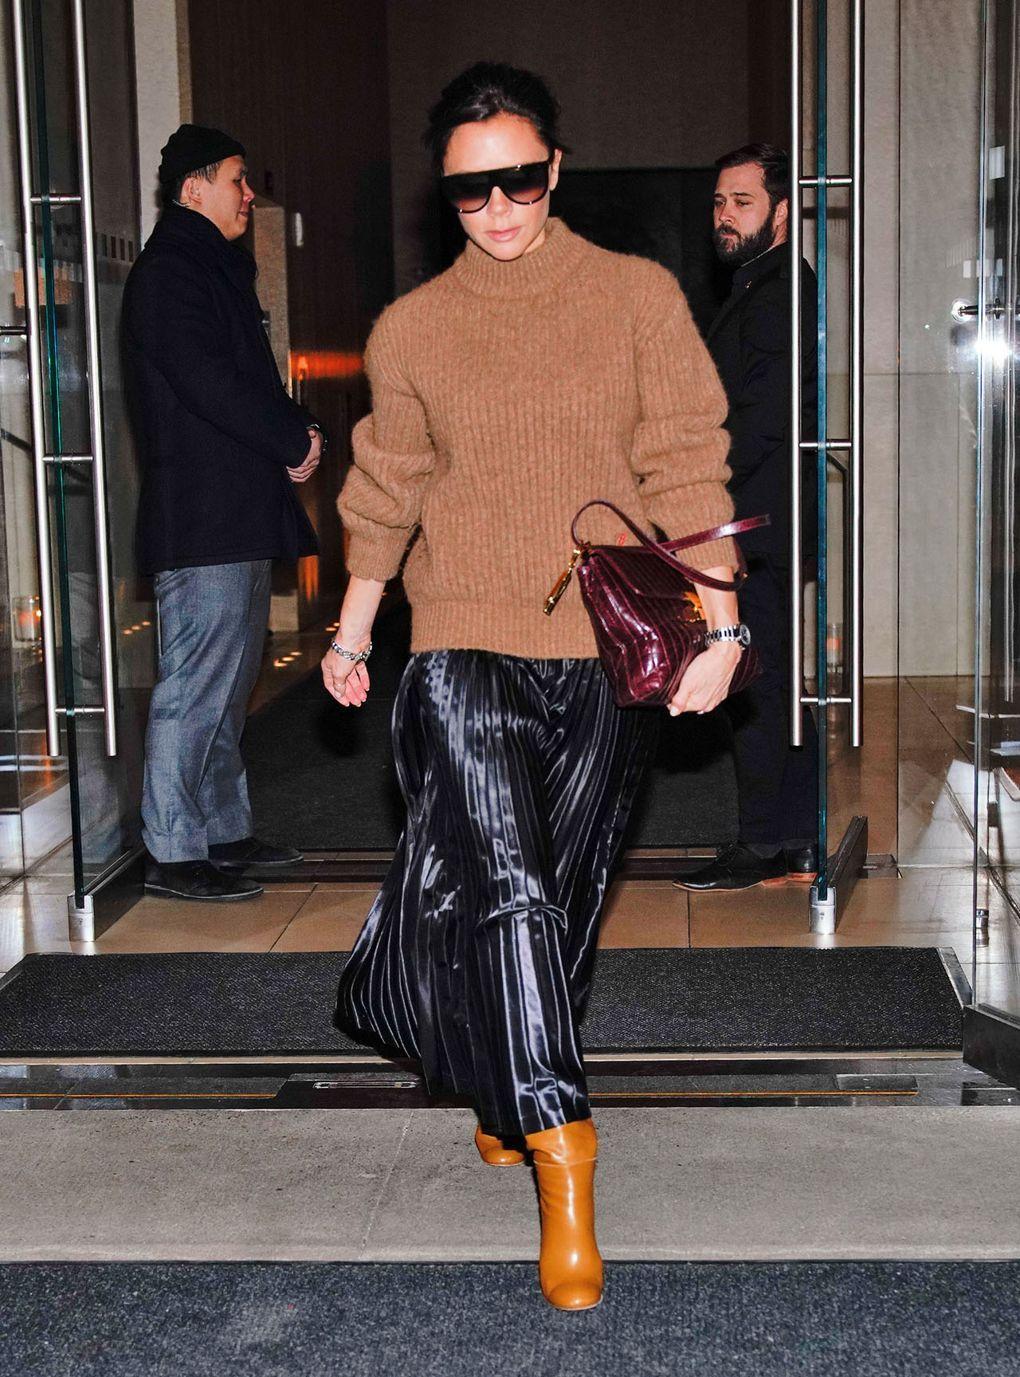 Виктория Бекхэм в черной плиссированной юбкке, оричневый свитер и оранжевые сапоги